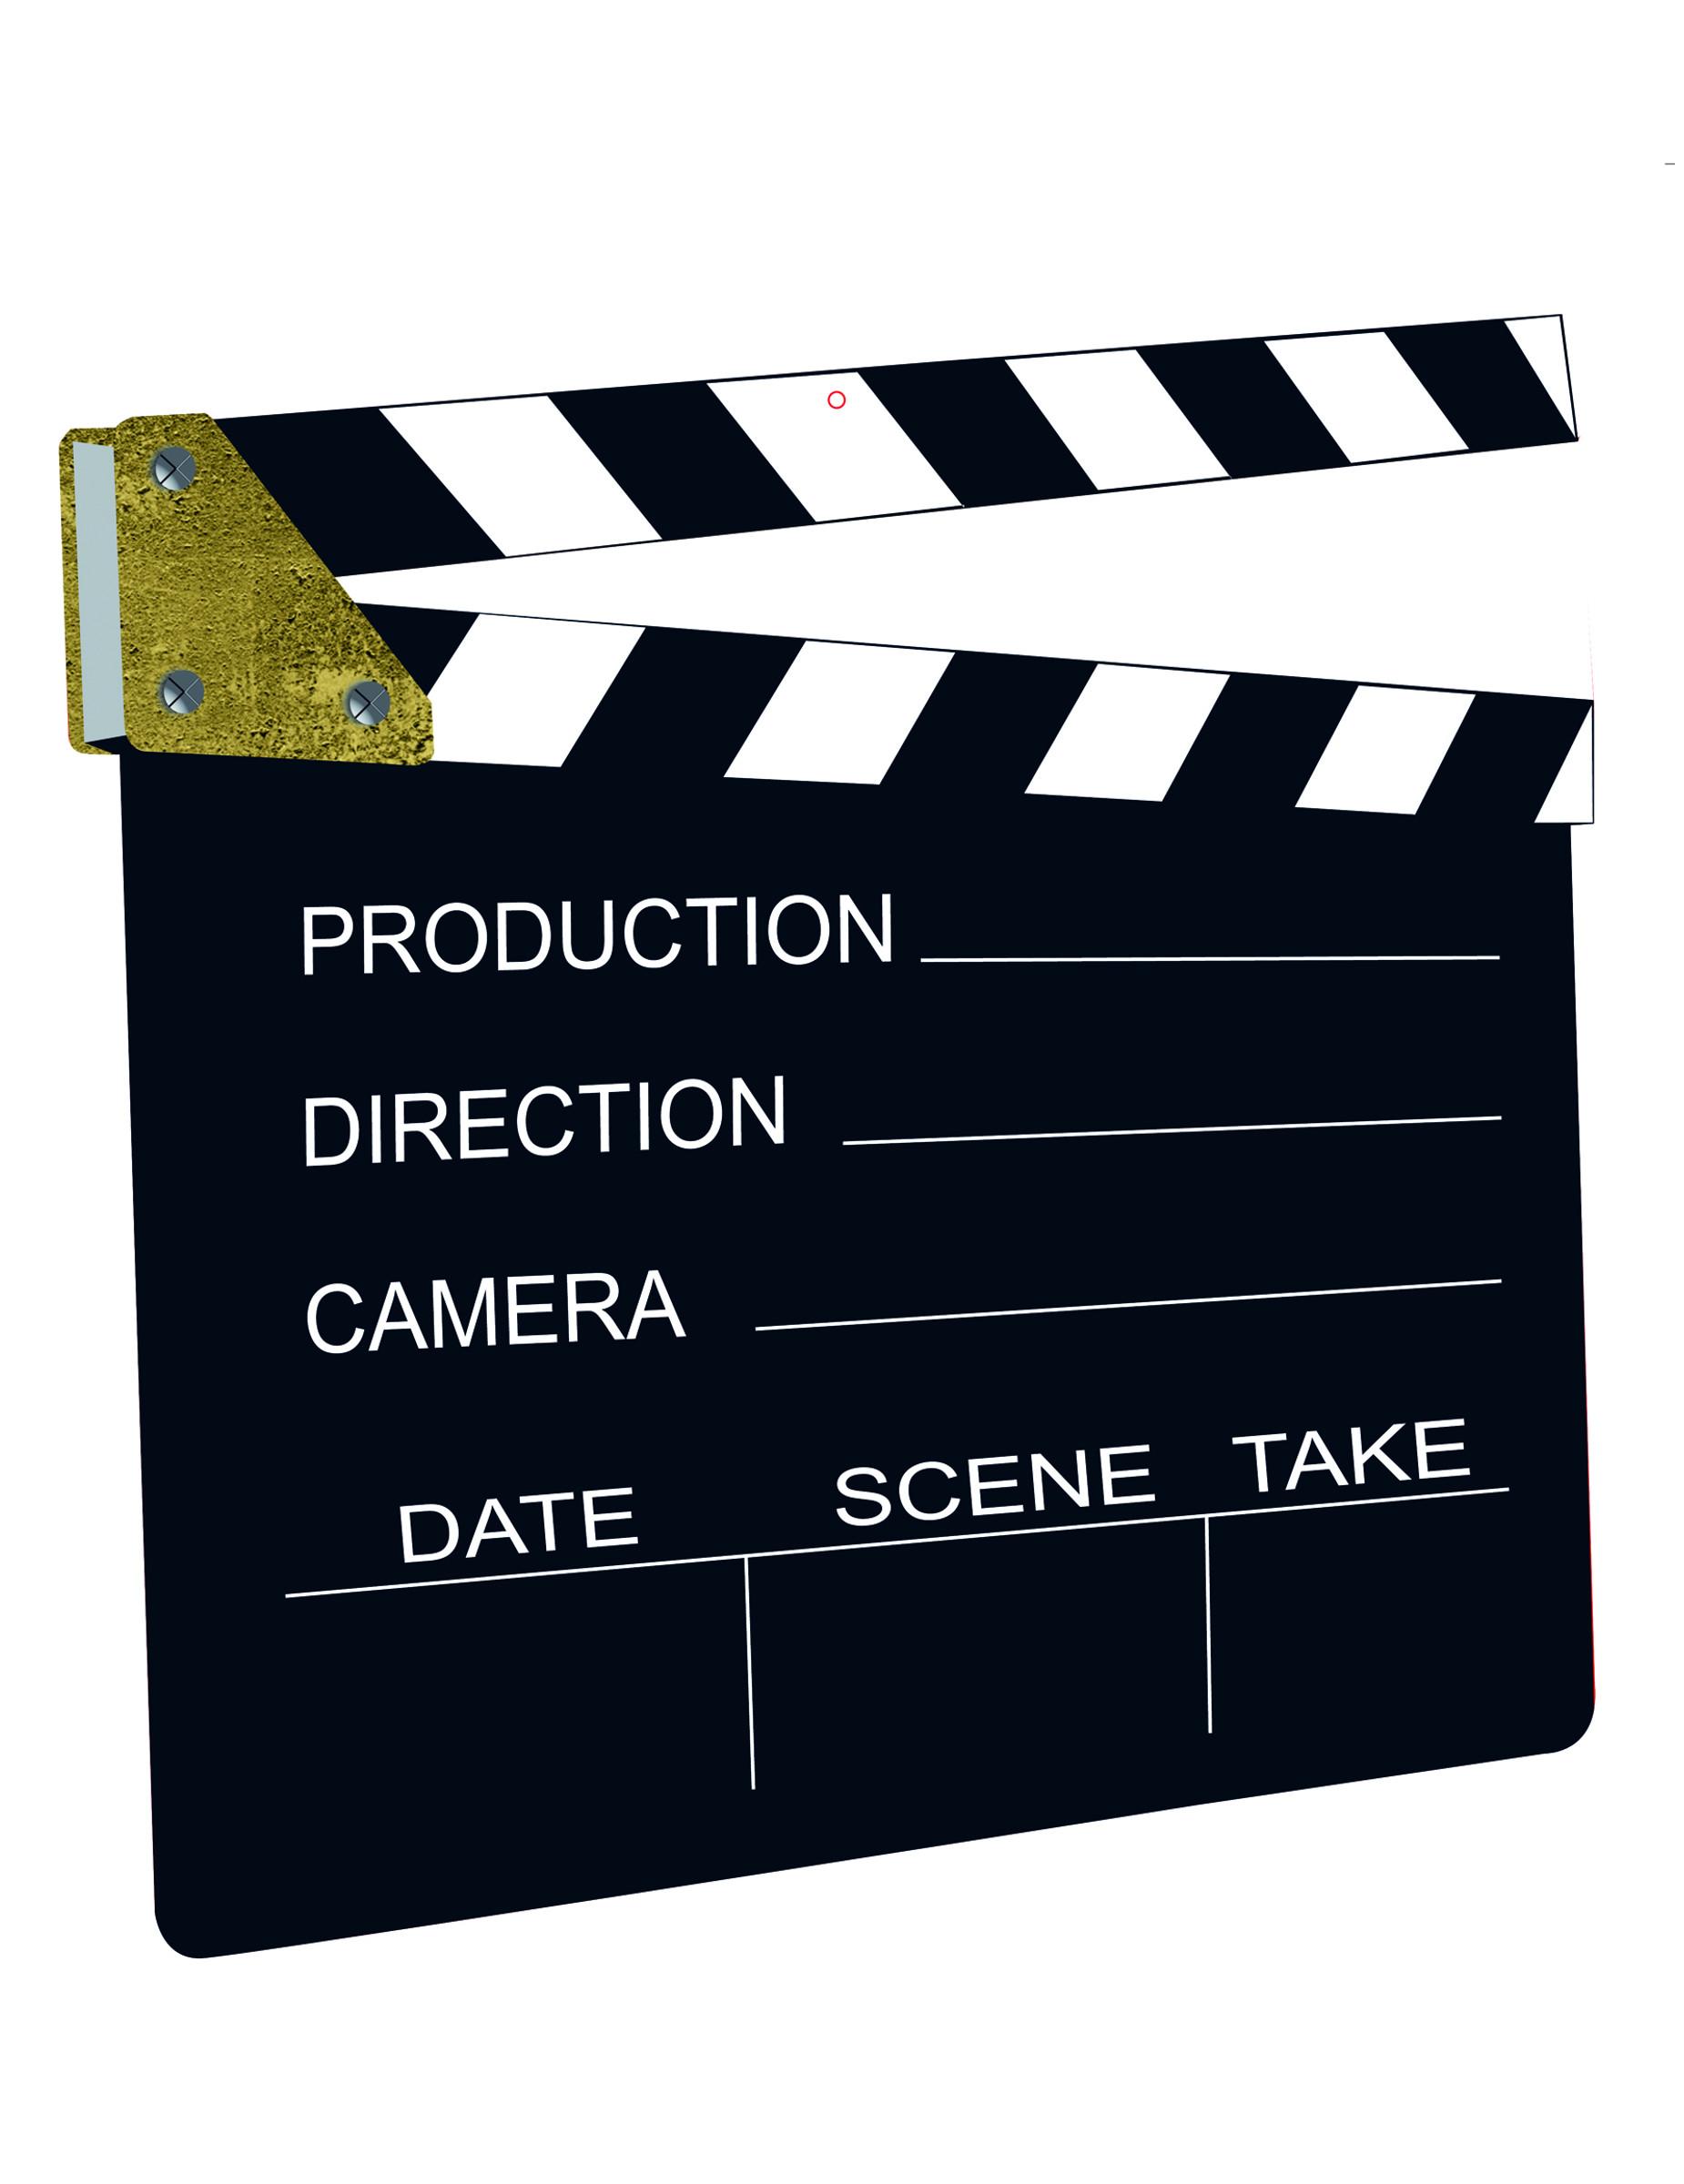 ciak cinematografico  Ciak cinematografico decorativo su VegaooParty, negozio di articoli ...